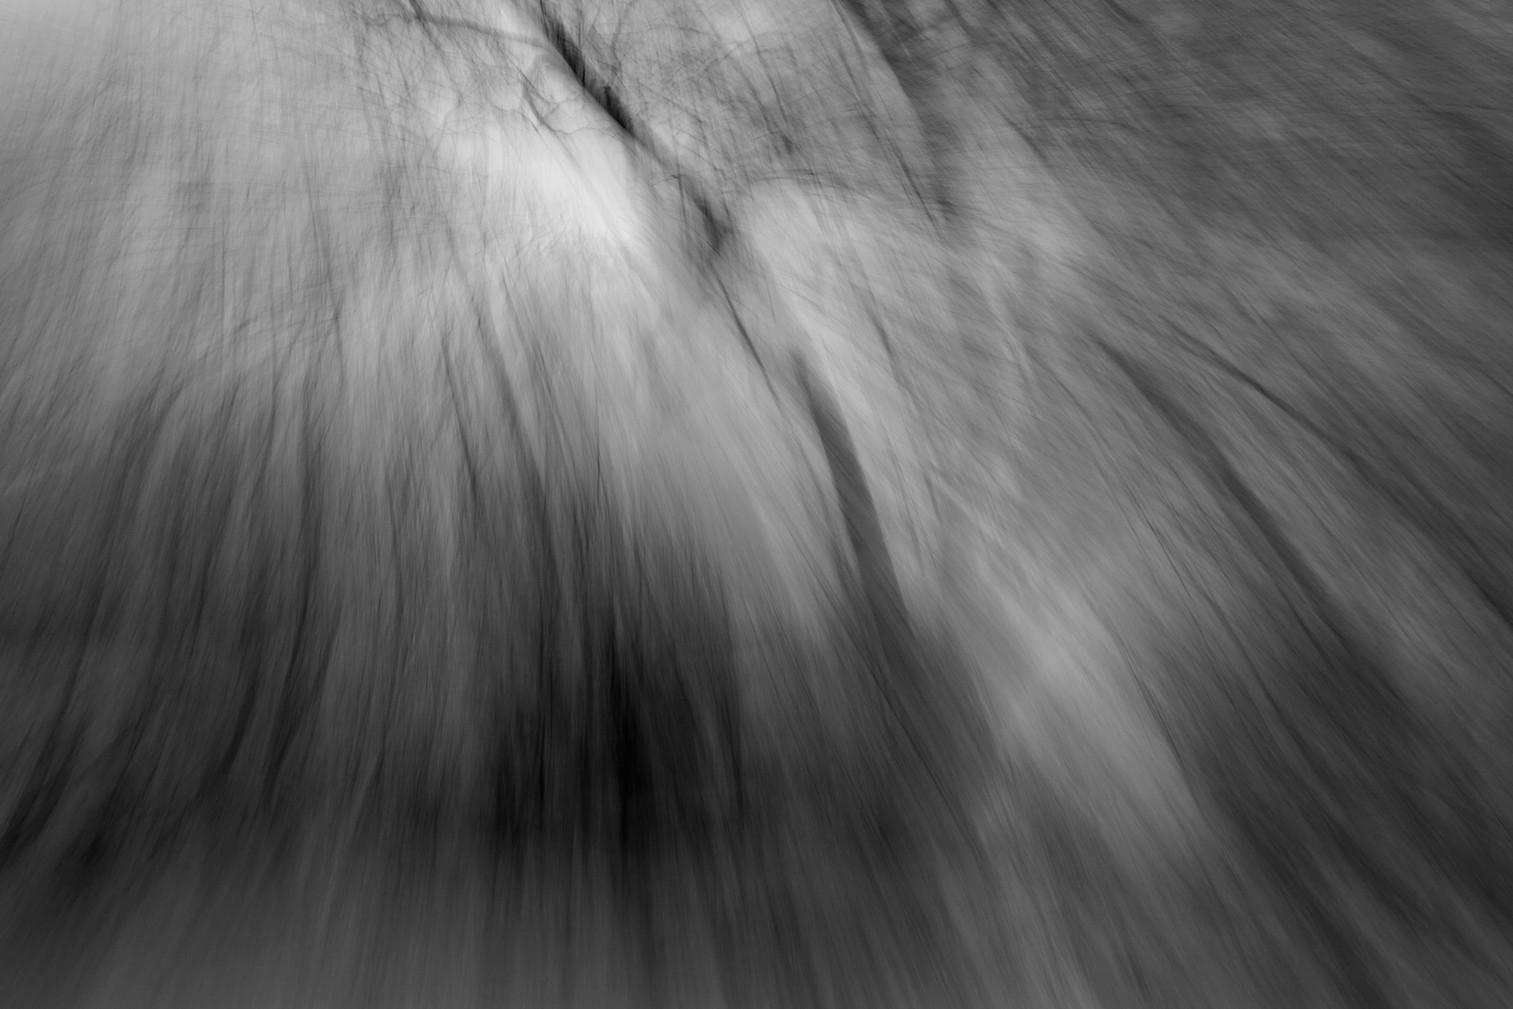 04_Hangwald (gebeugtes Licht), 2013.jpg